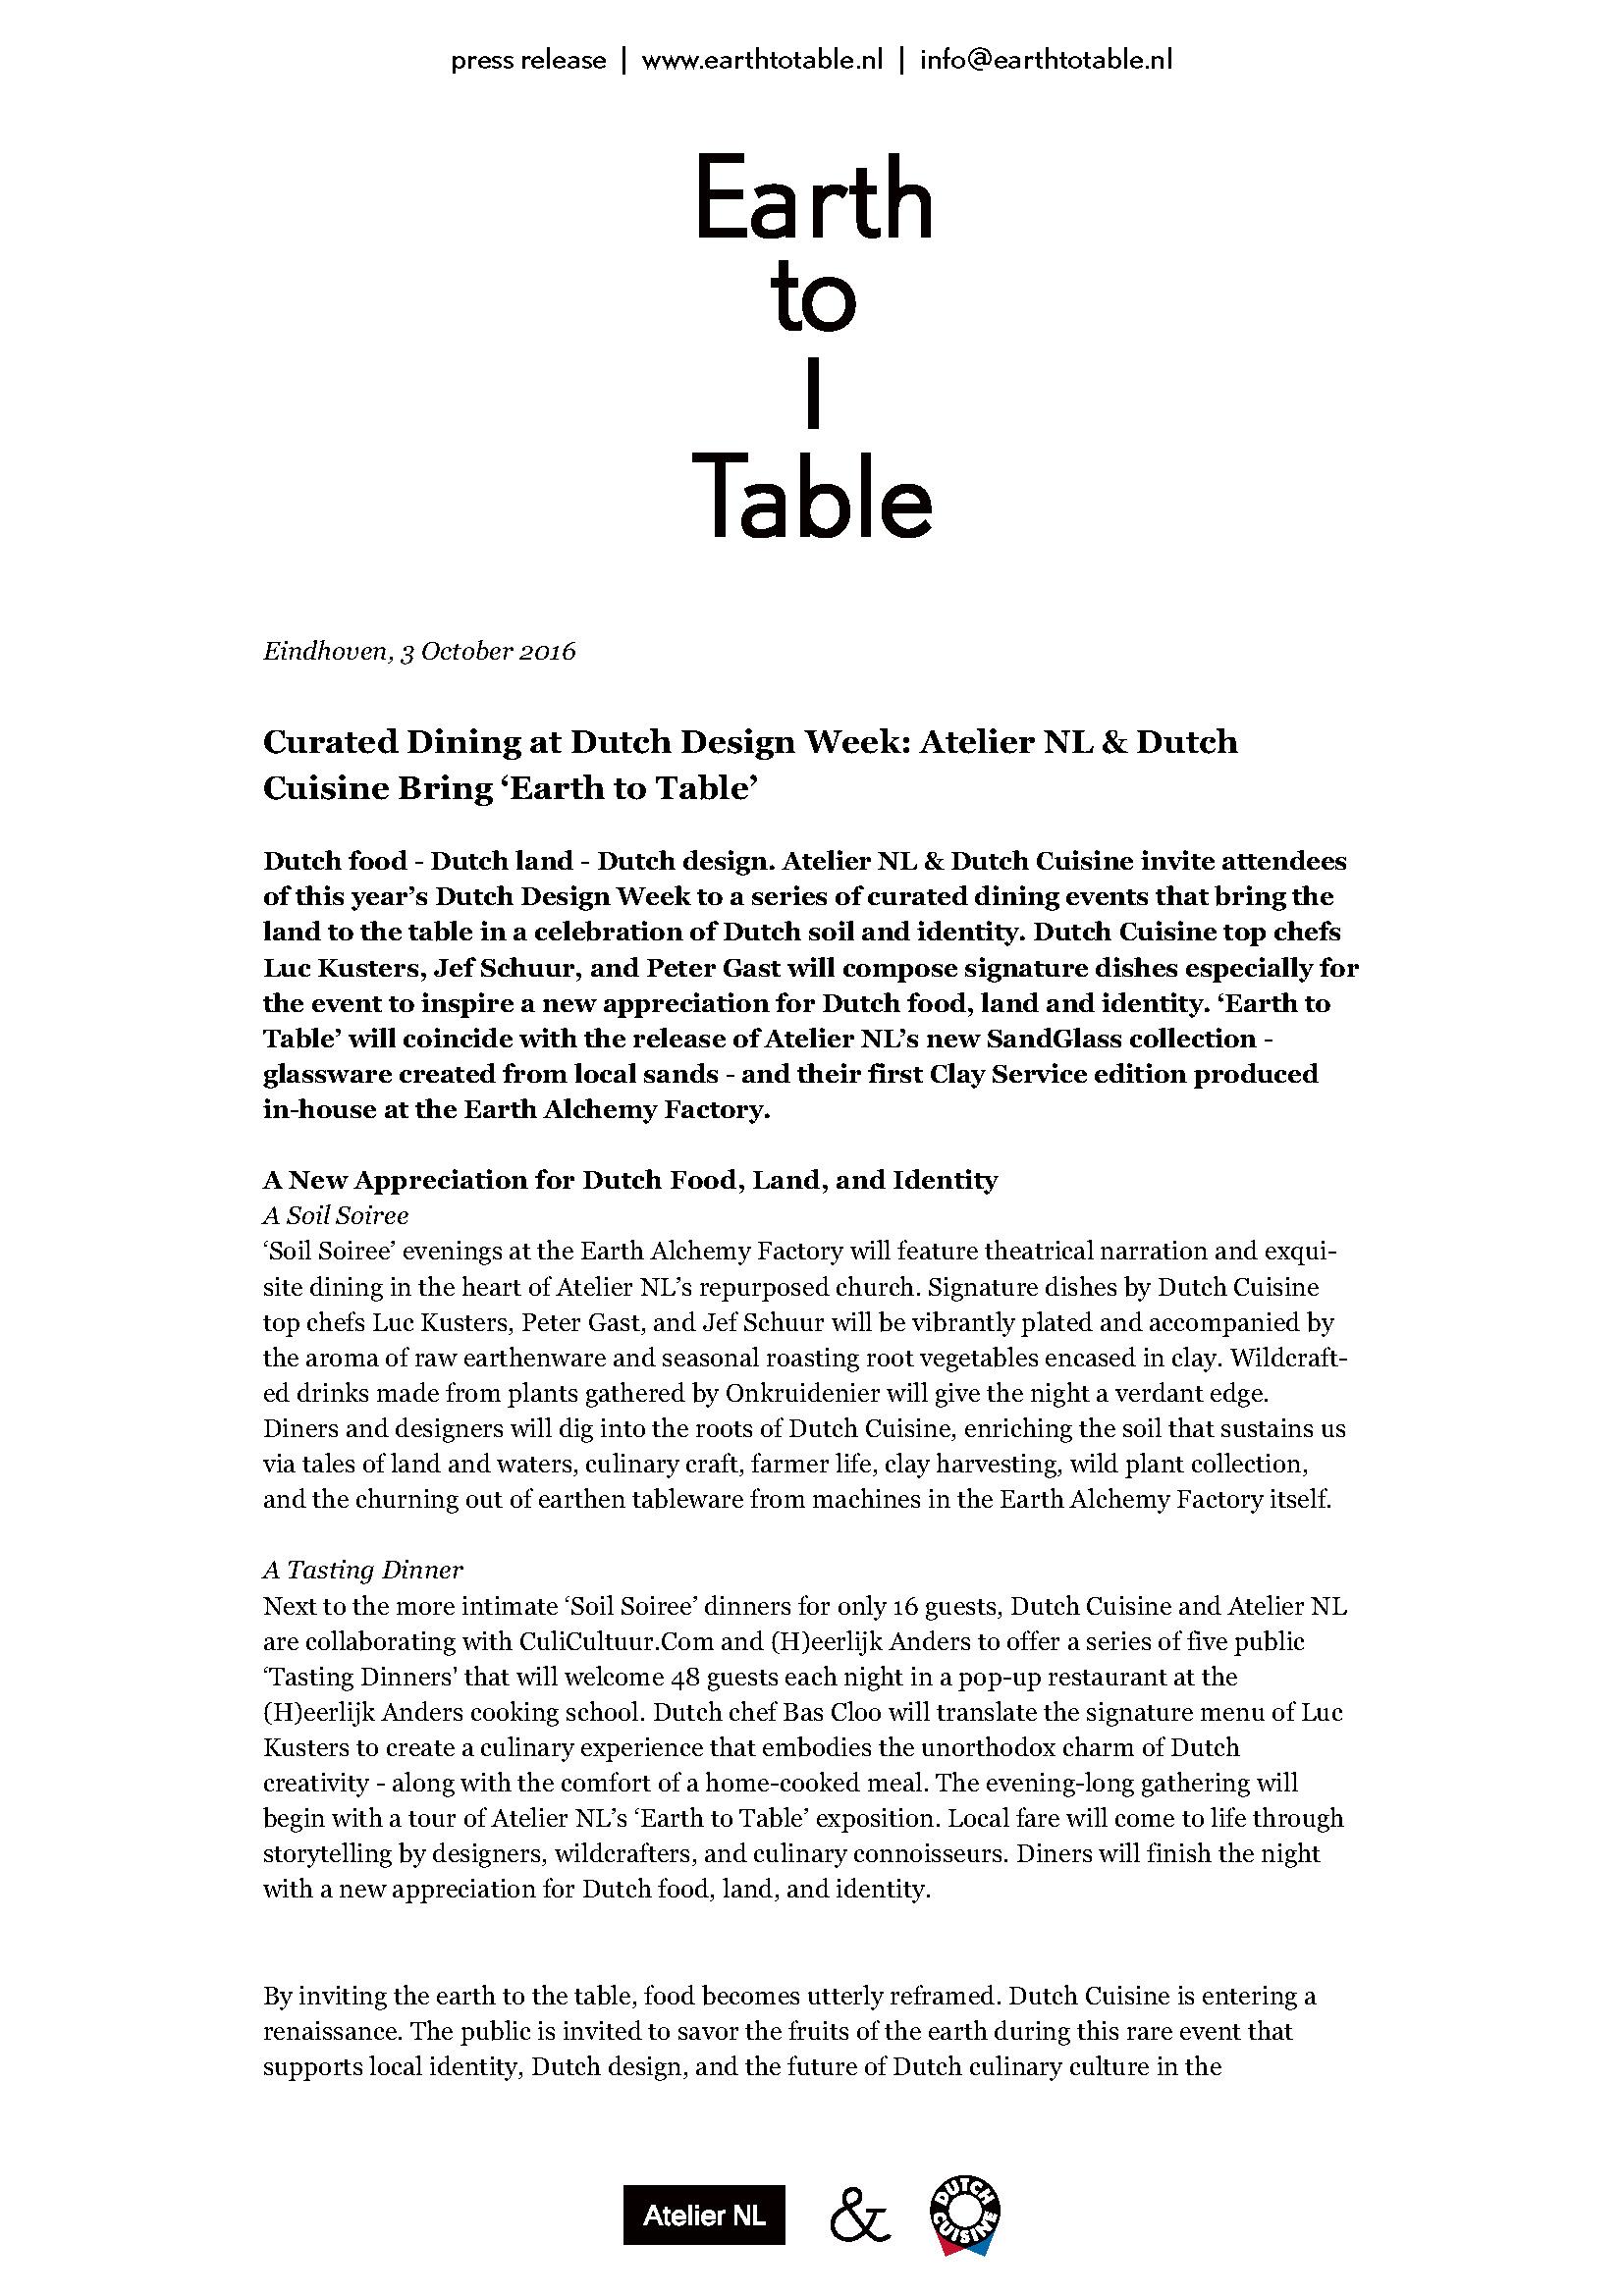 Press Release FinalFinal_03_EN_Liz_Page_1.jpg